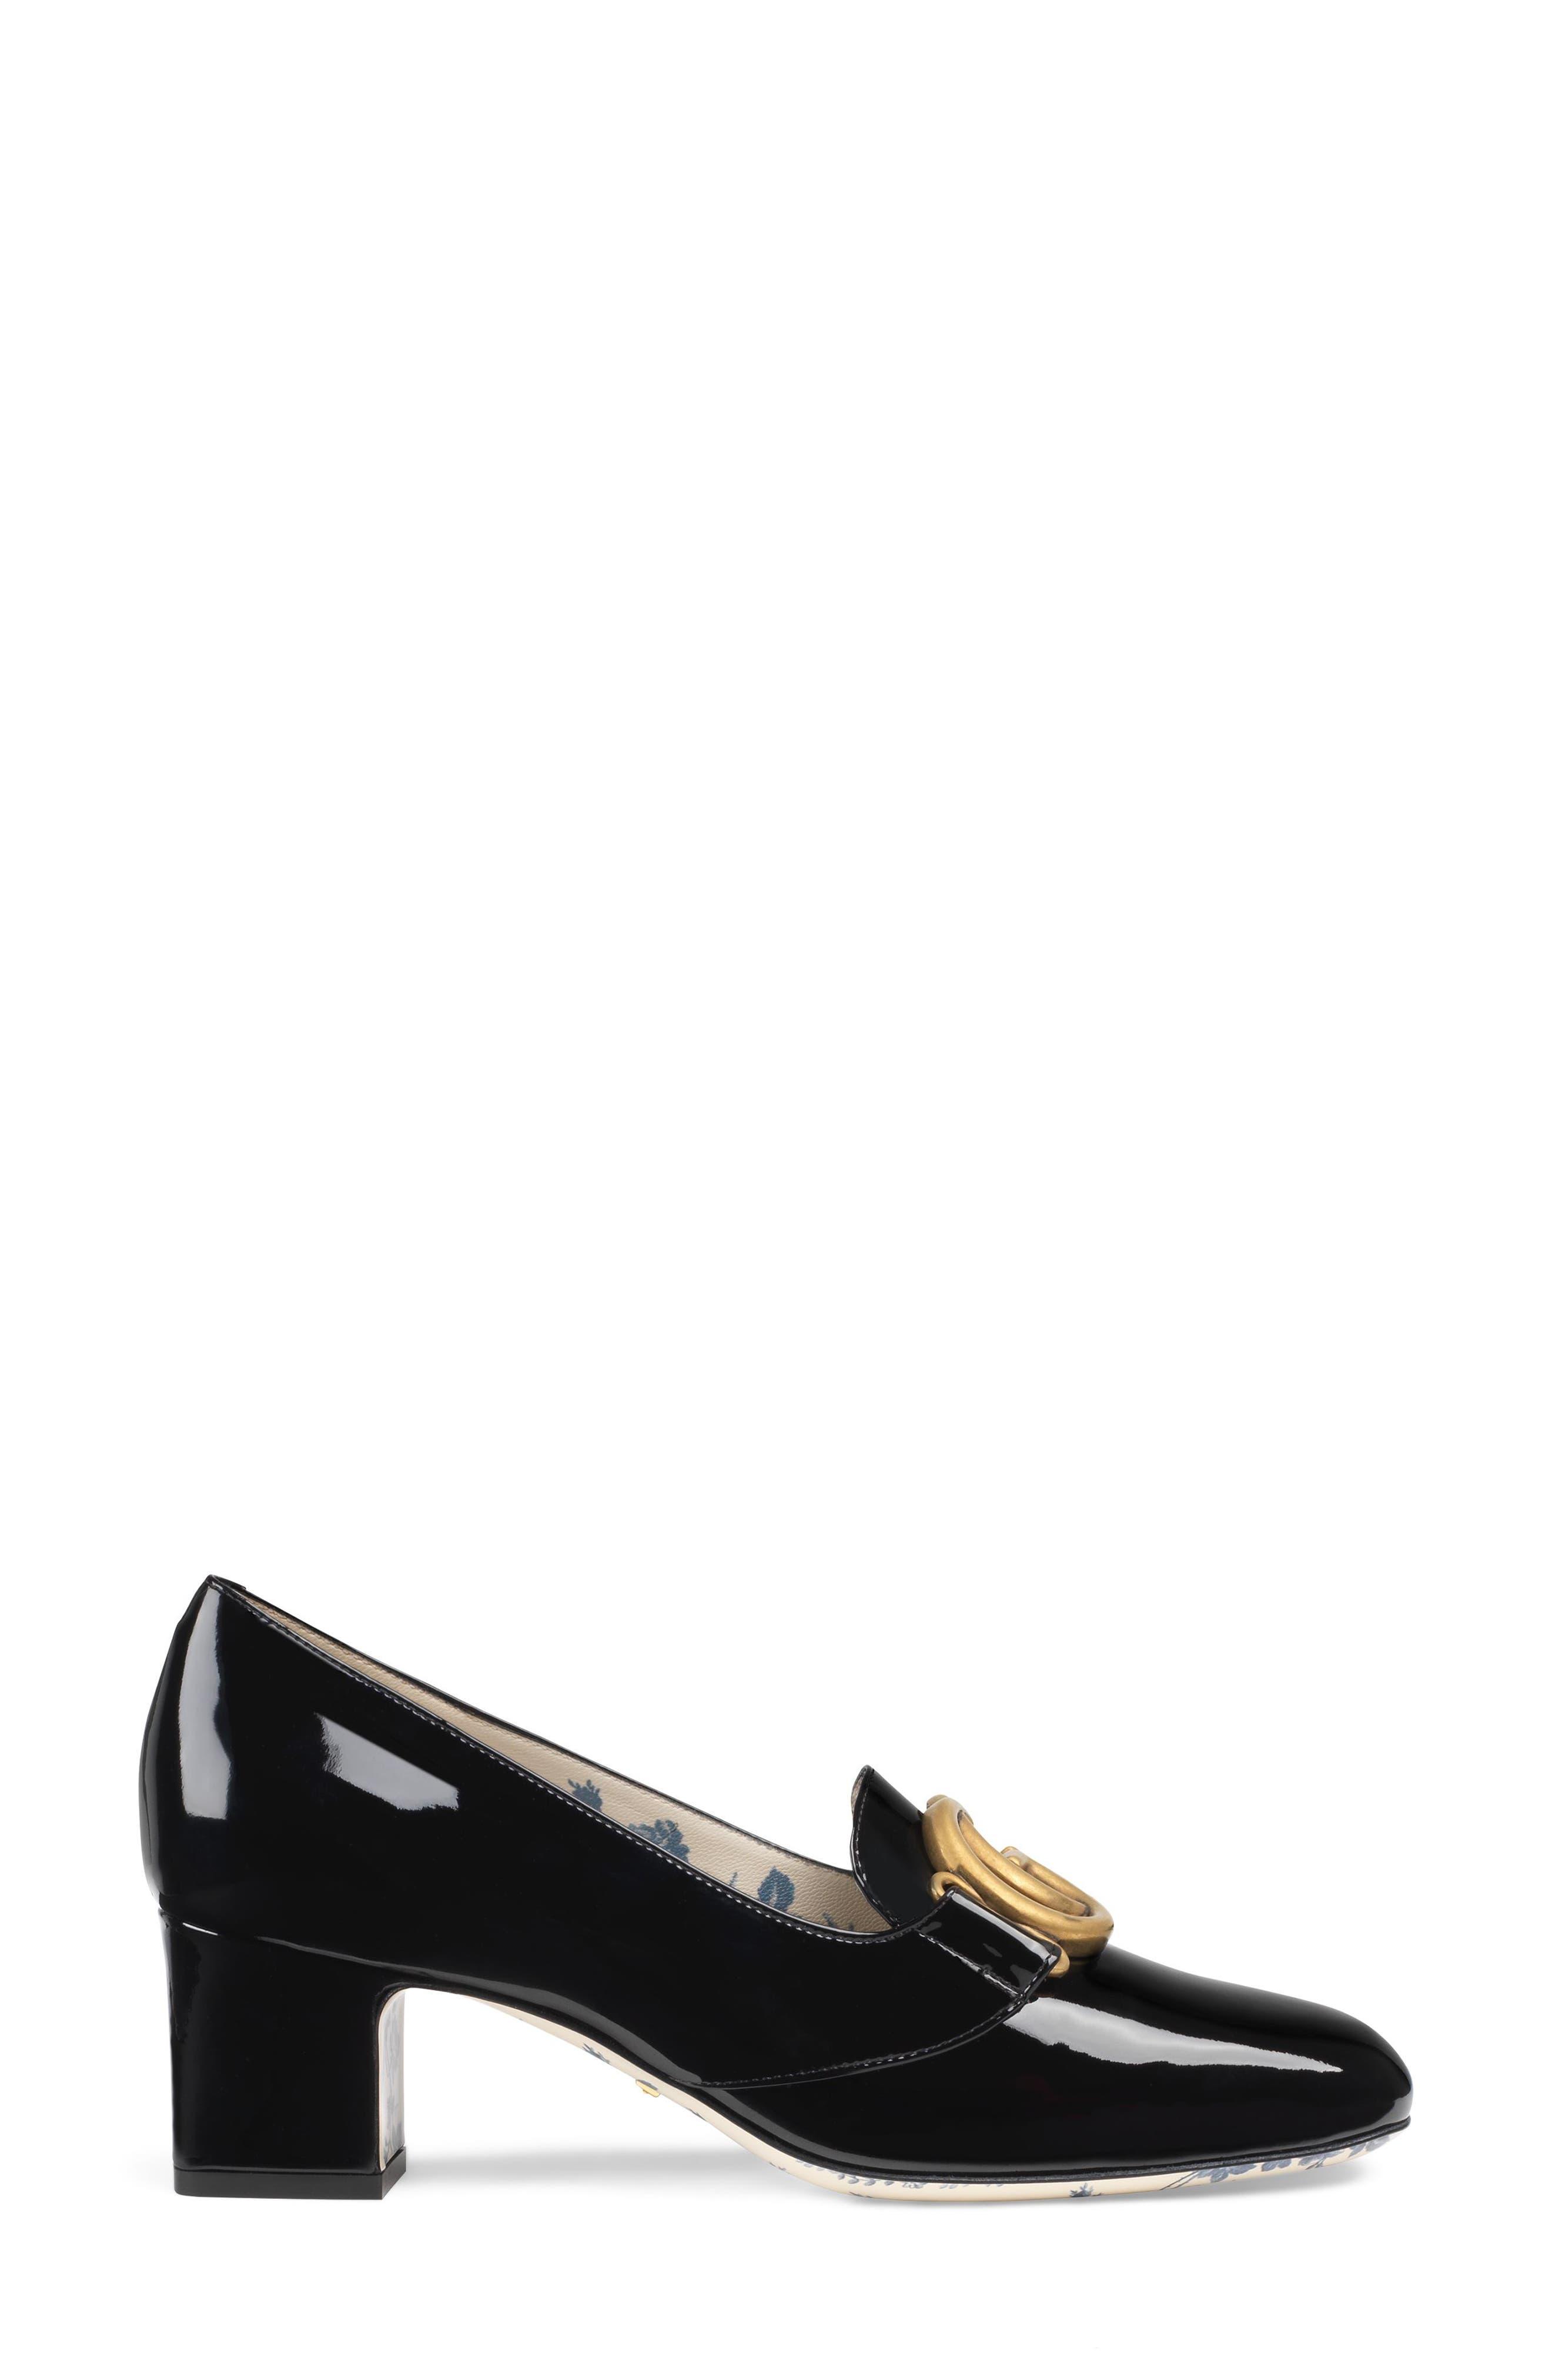 Loafer Pump,                             Alternate thumbnail 2, color,                             Black